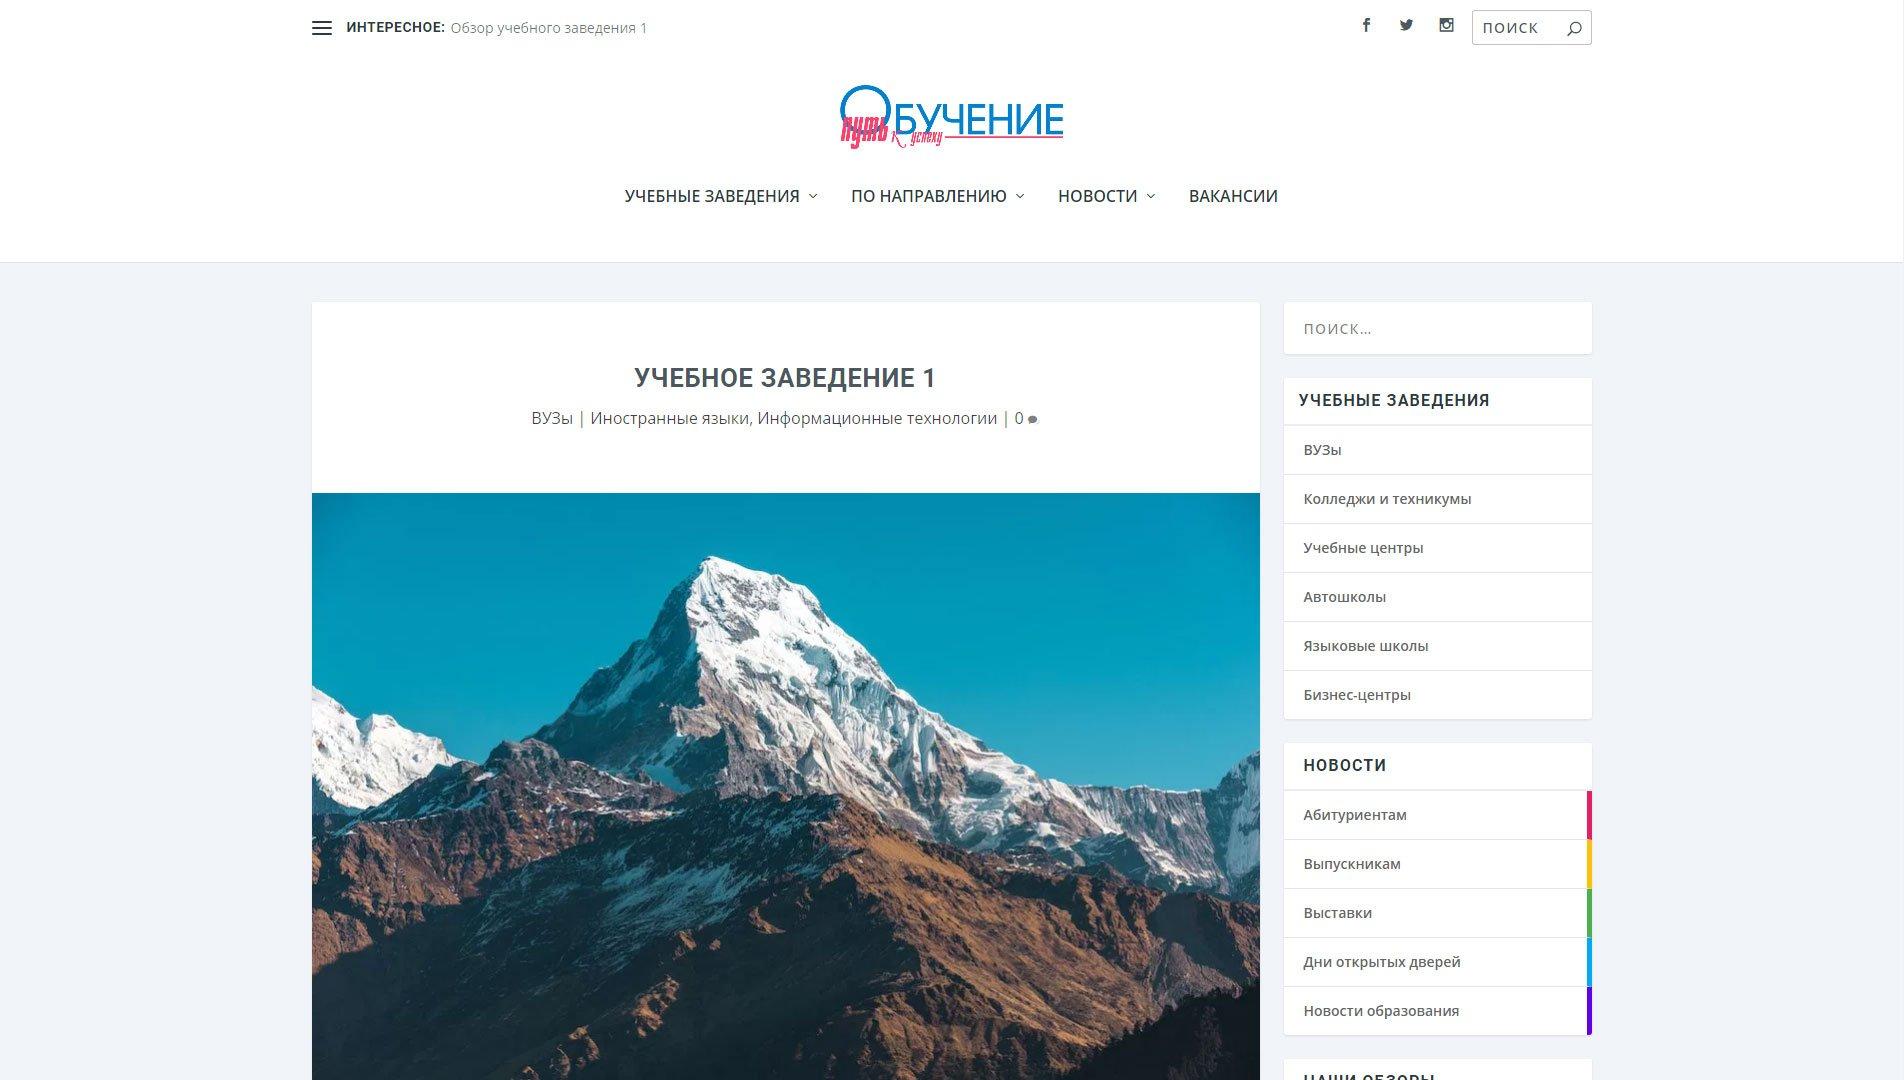 Создание сайта Obuchenie56.ru - Образовательный портал в Оренбурге (5)